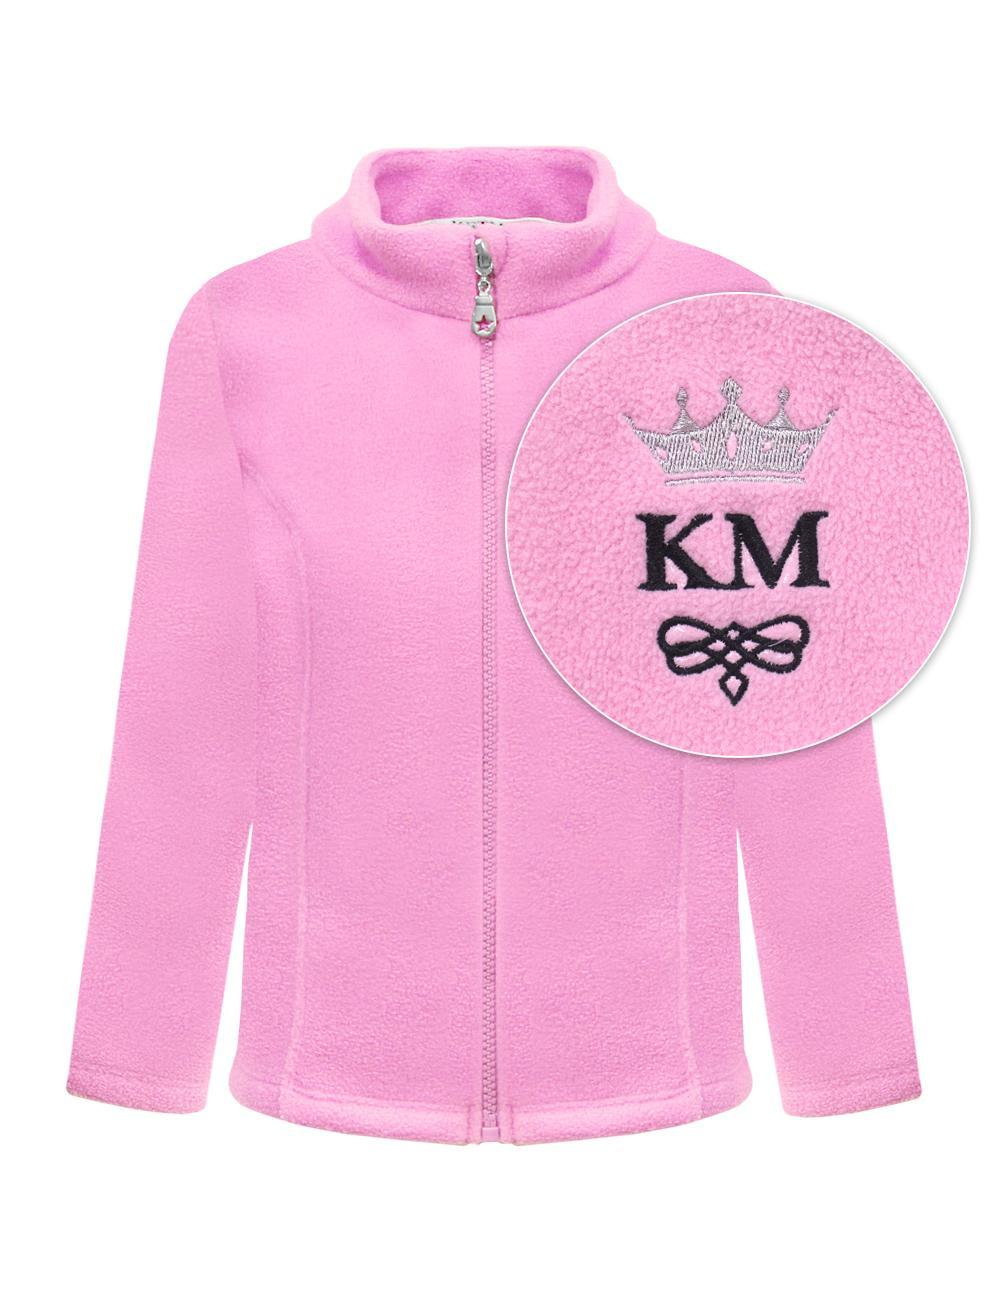 Флисовый костюм детский KETMIN Princess цв.Розовый